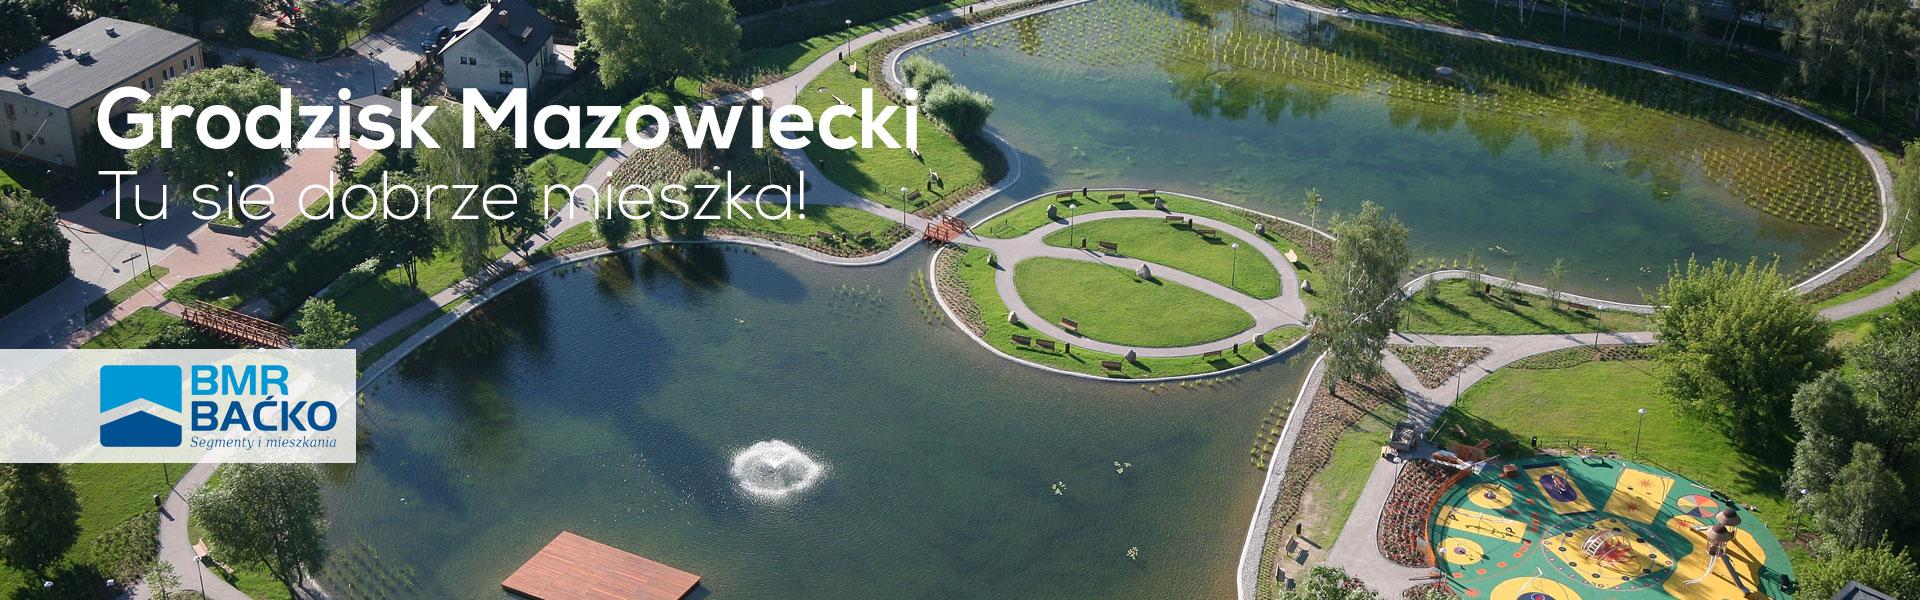 Park Goliana - Grodzisk Mazowiecki